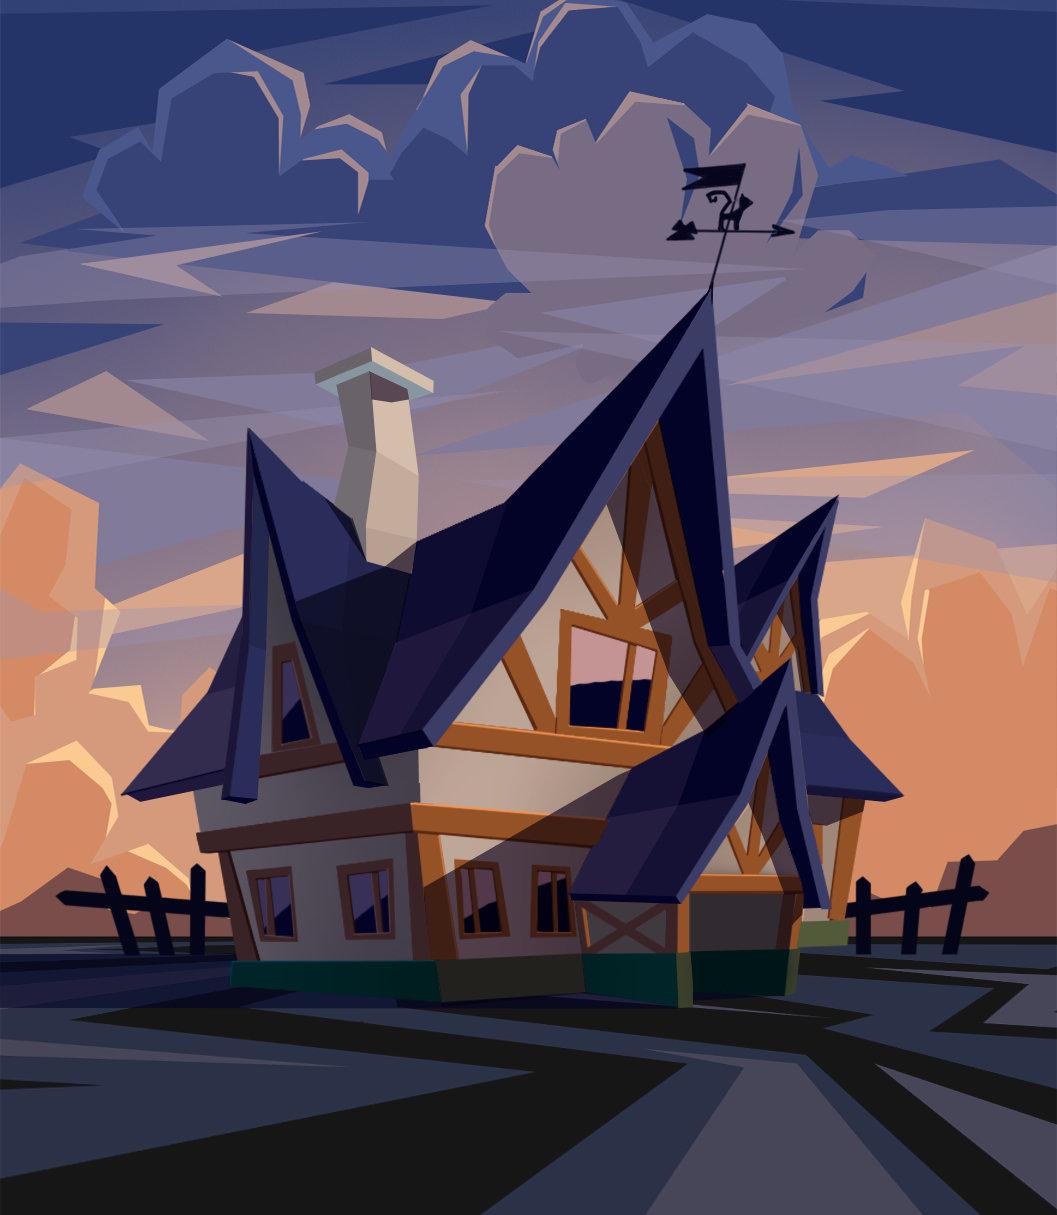 Yana blyzniuk house